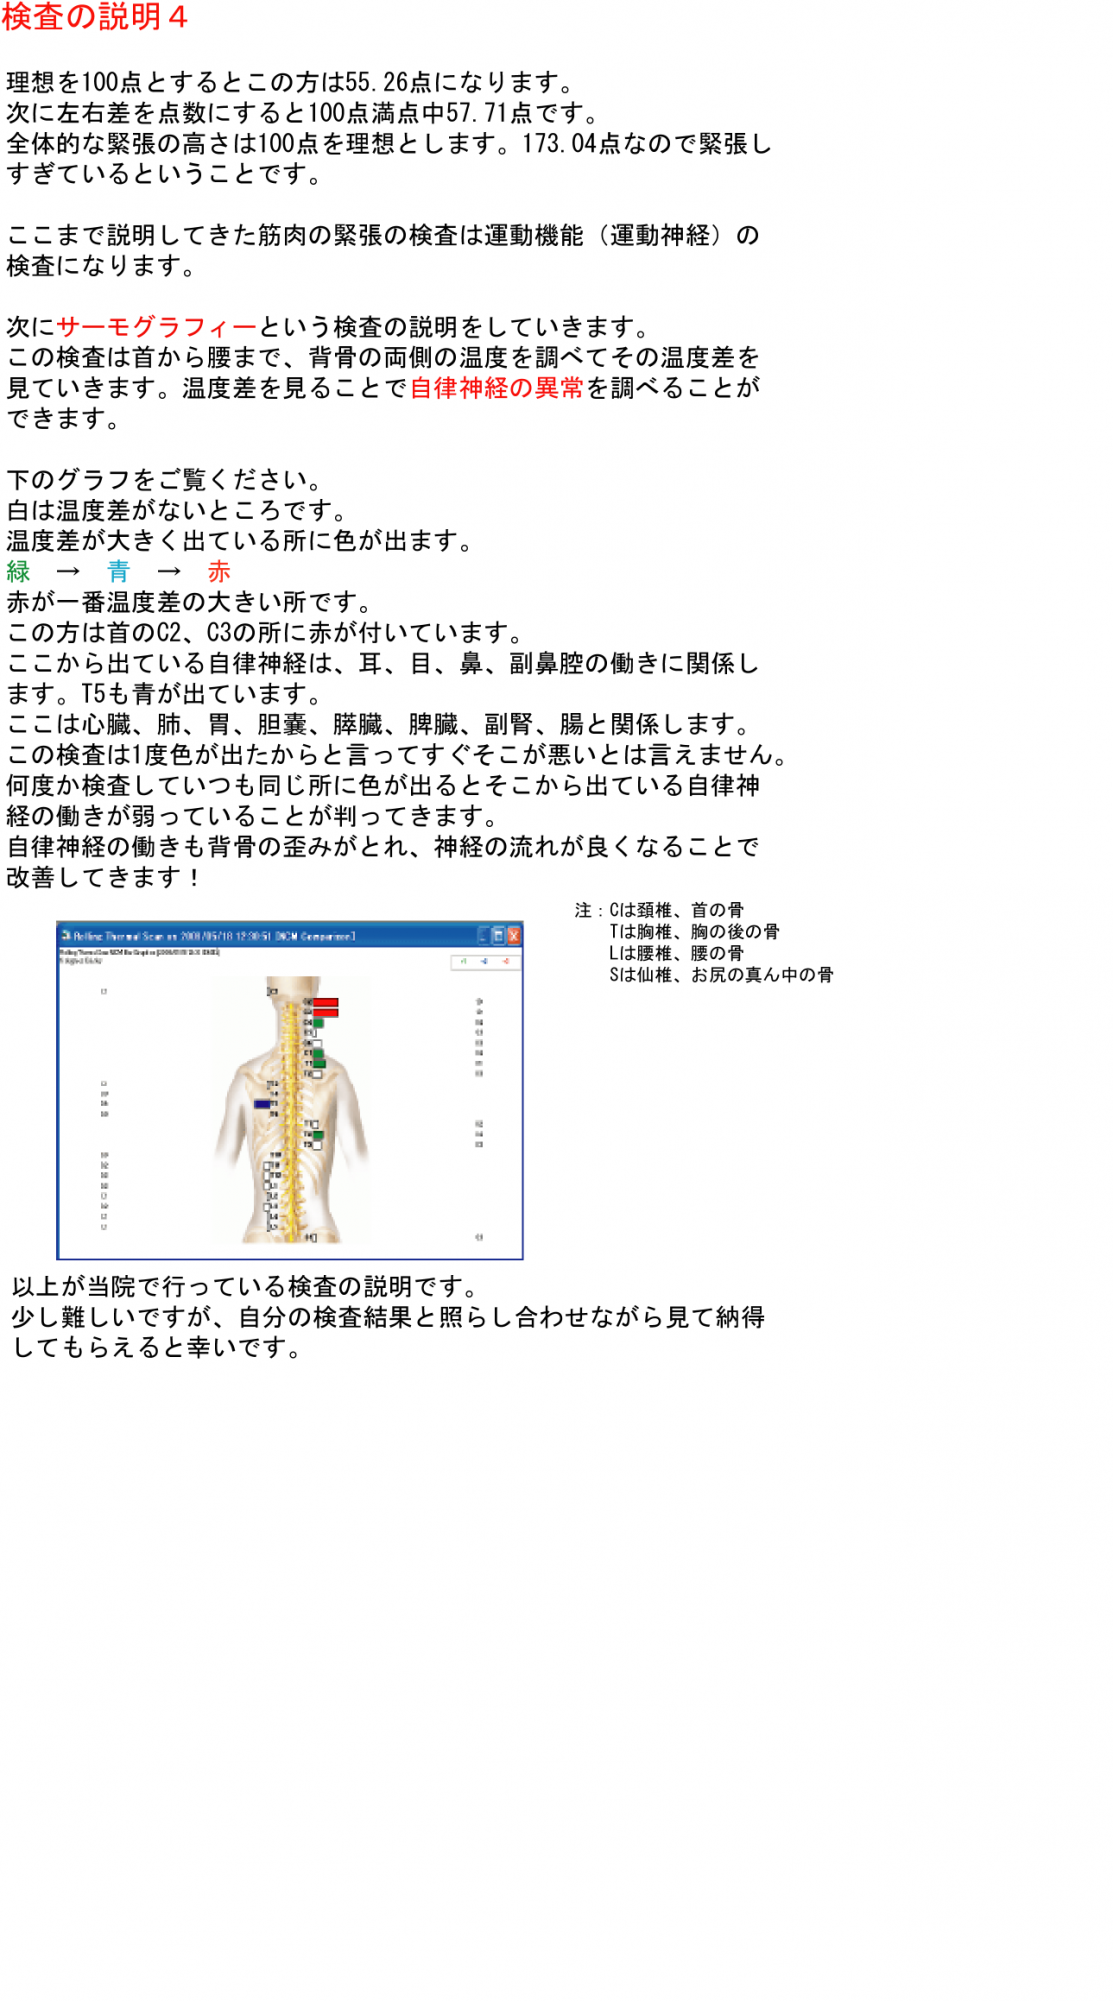 当院で行う検査の説明4